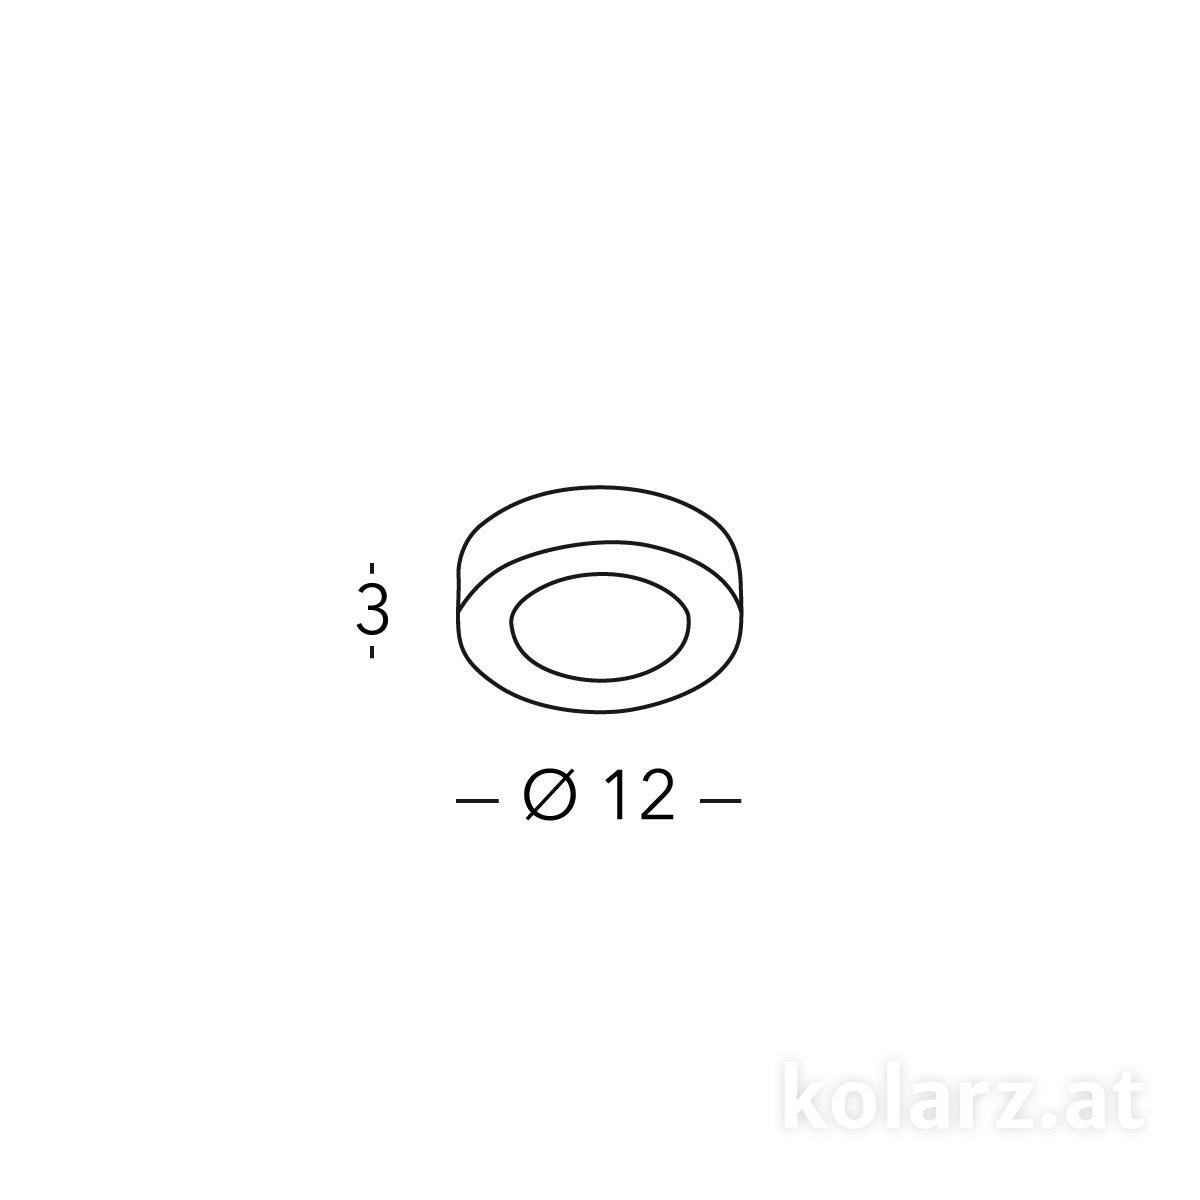 A1344-10R-Ag-s1.jpg